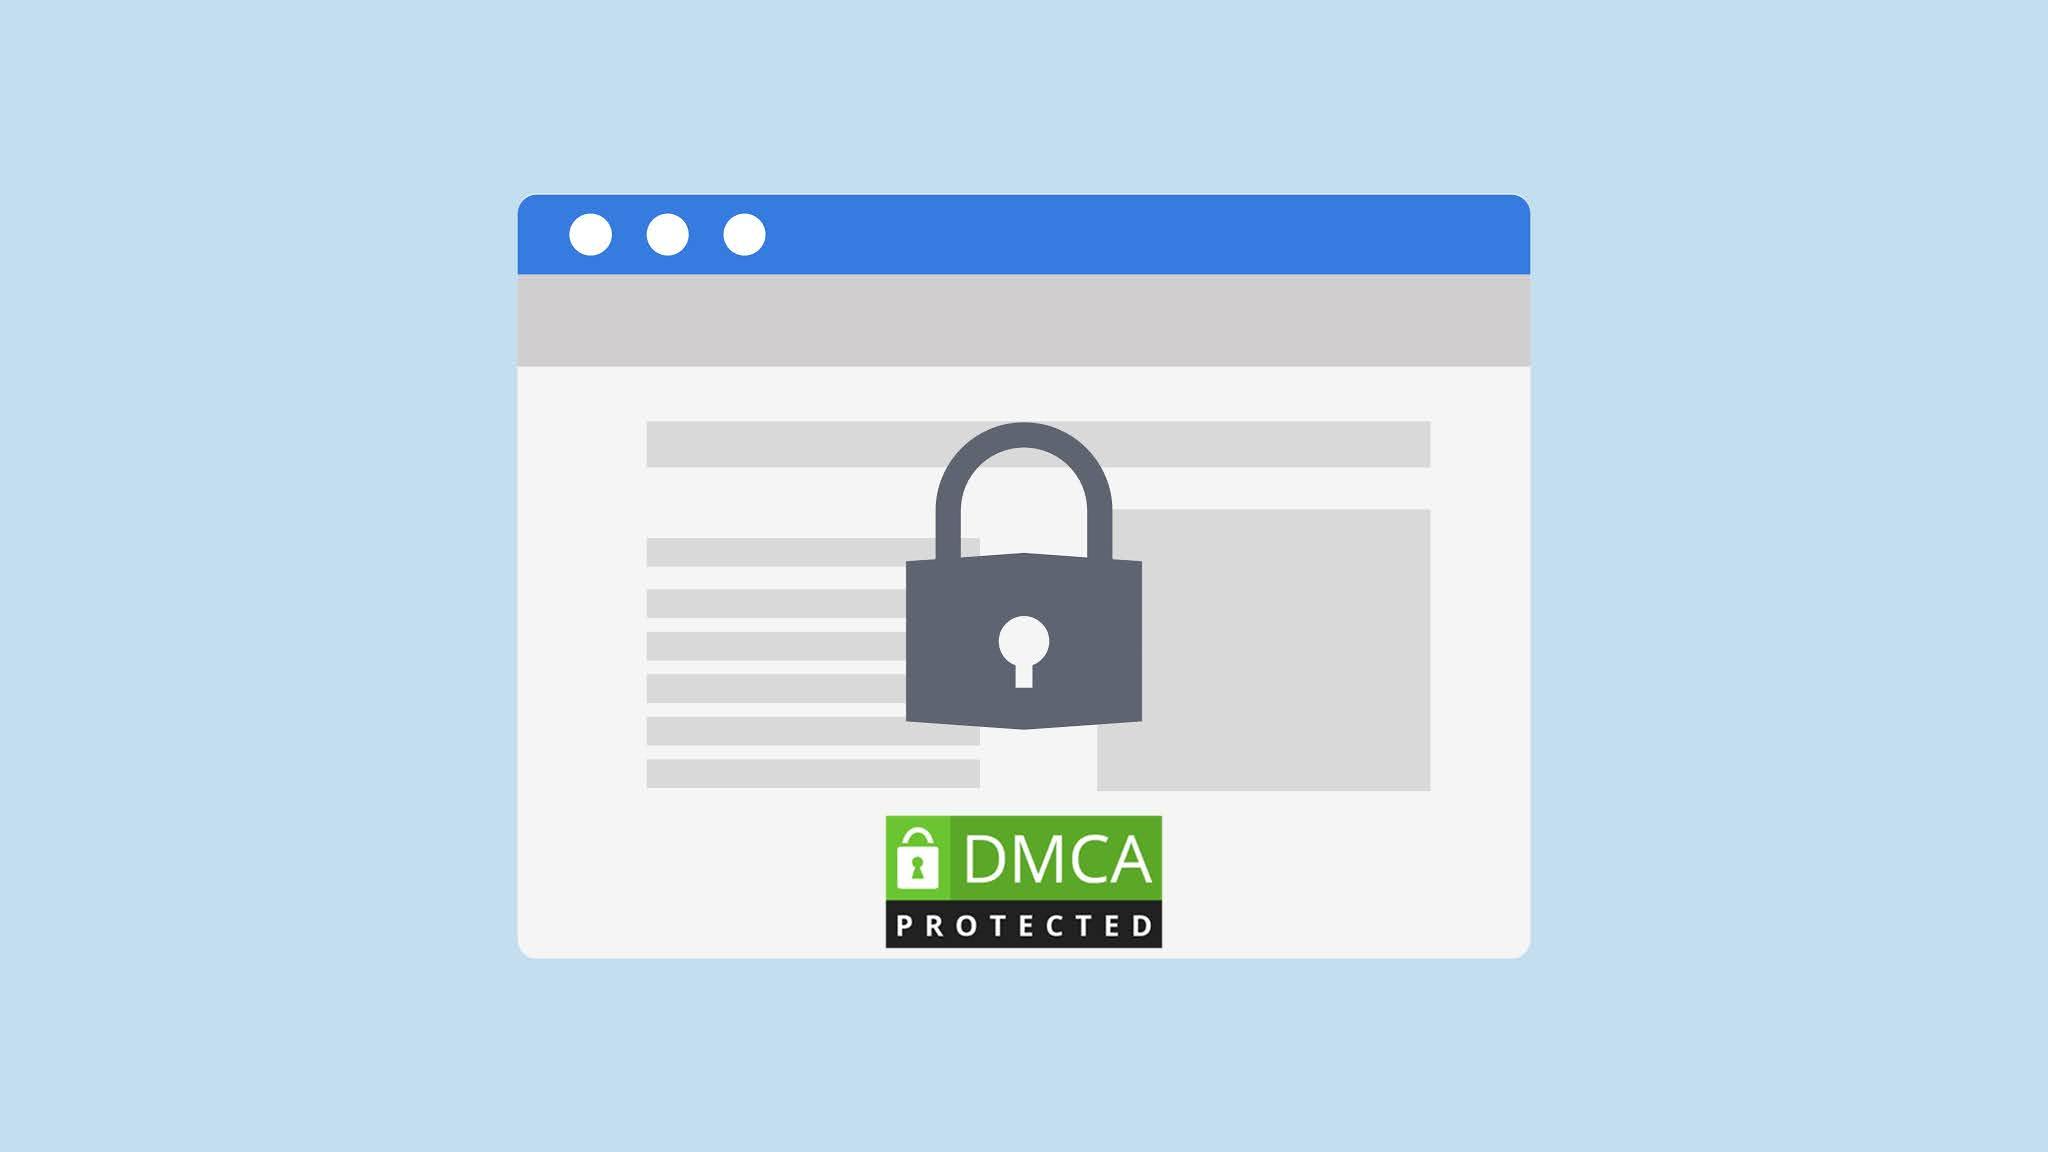 Hak Cipta DMCA